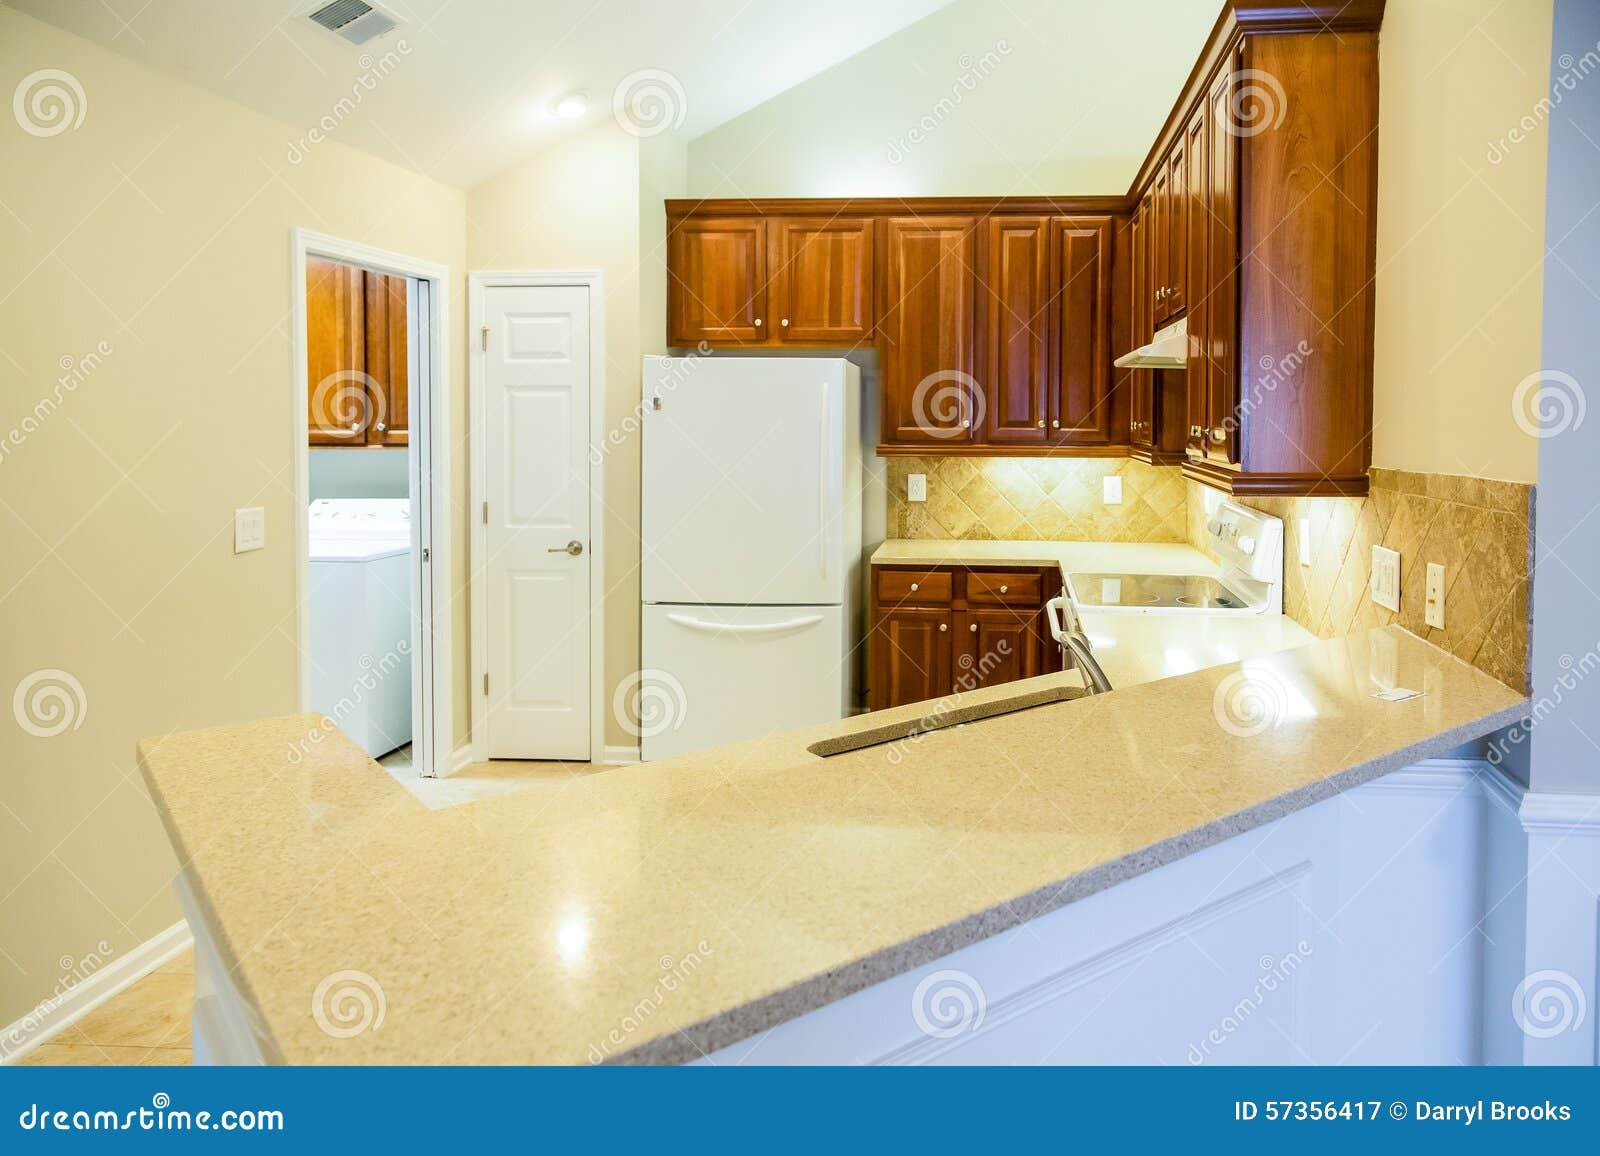 Colori Pareti Cucina Ciliegio: Start time cucine a parete veneta cucine. cuci...